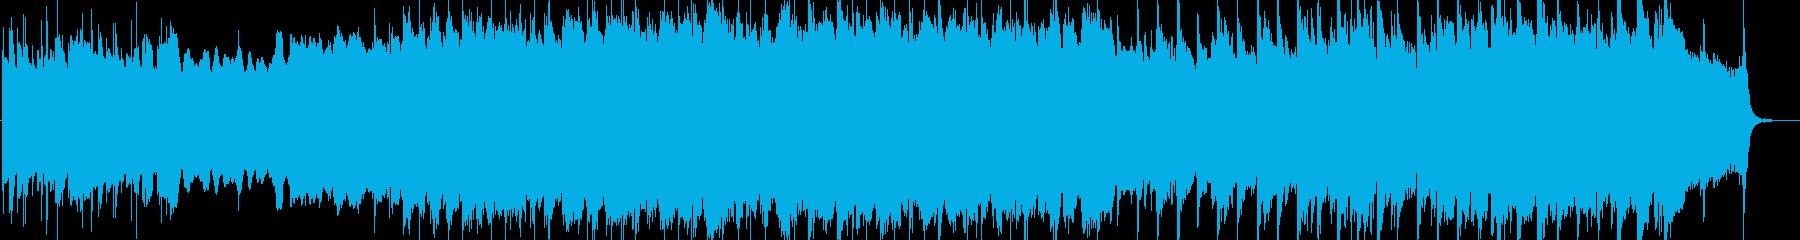 ケルトの儀式的な曲の再生済みの波形